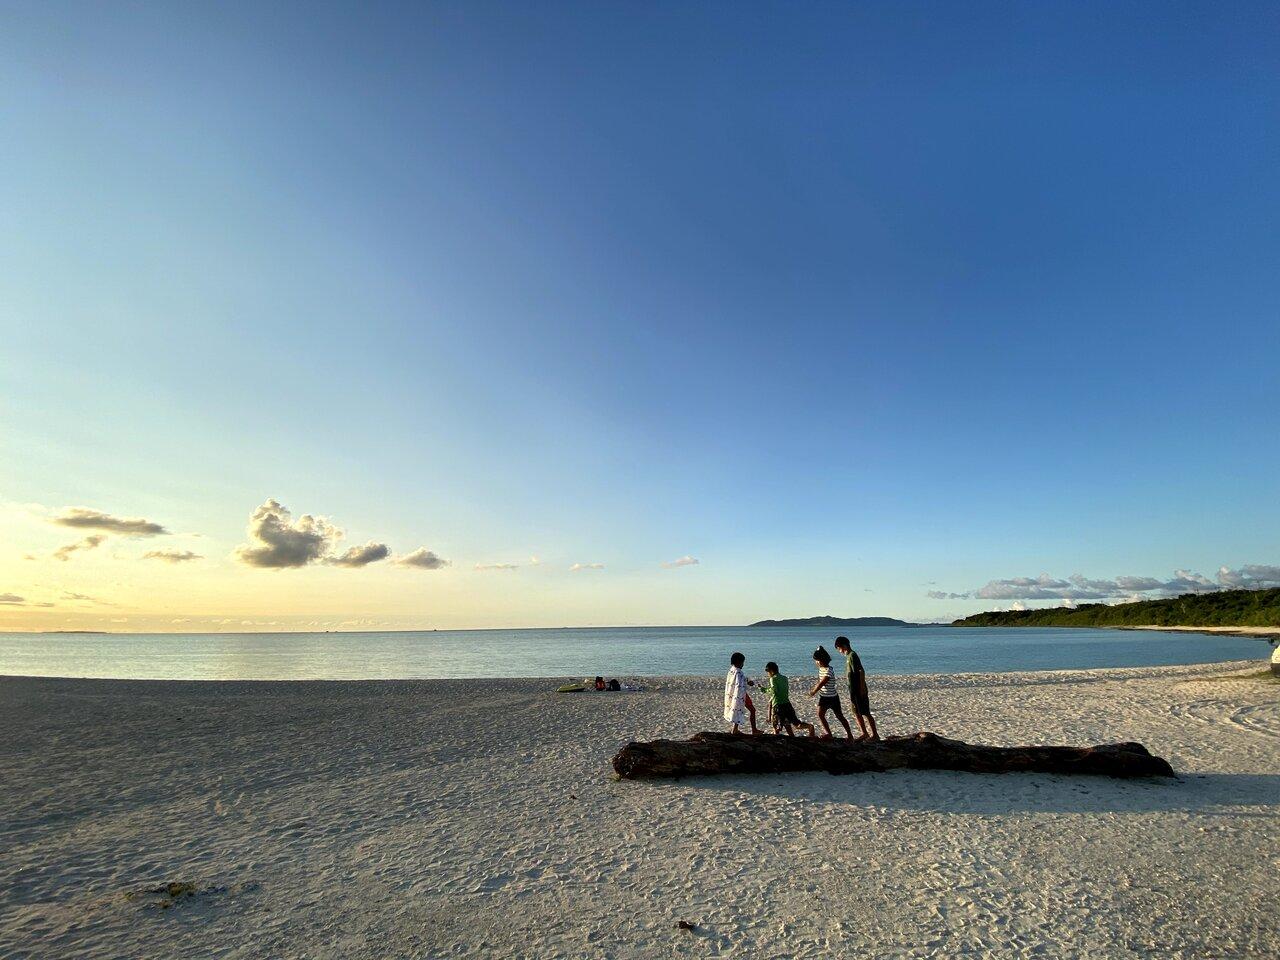 """石垣港行きの最終フェリーが出た後の夕方の海。島の人がほとんどの静かな島に一変。ほぼ貸し切りで遊べることもあります。  <small class=""""font-small"""">写真提供:片岡由衣</small>"""